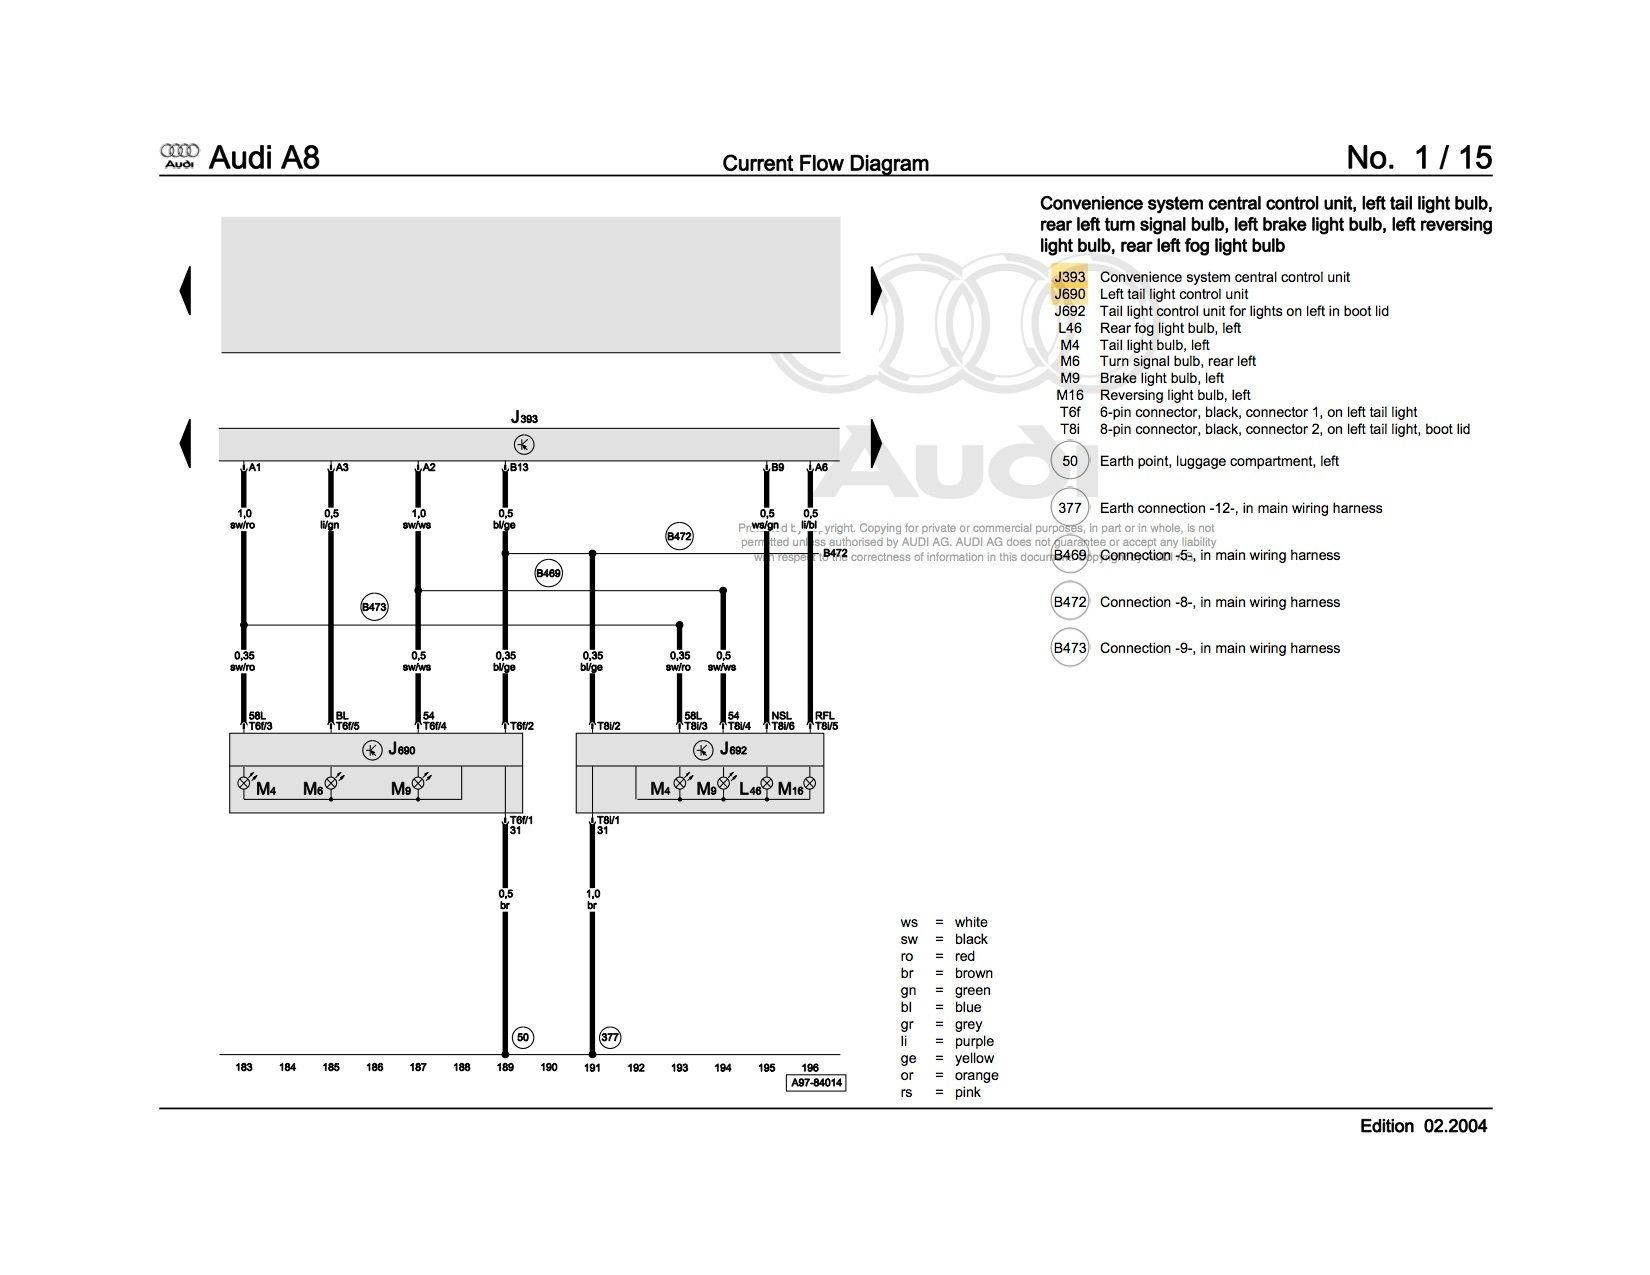 2005 A8l Turn Signal Problem - Help